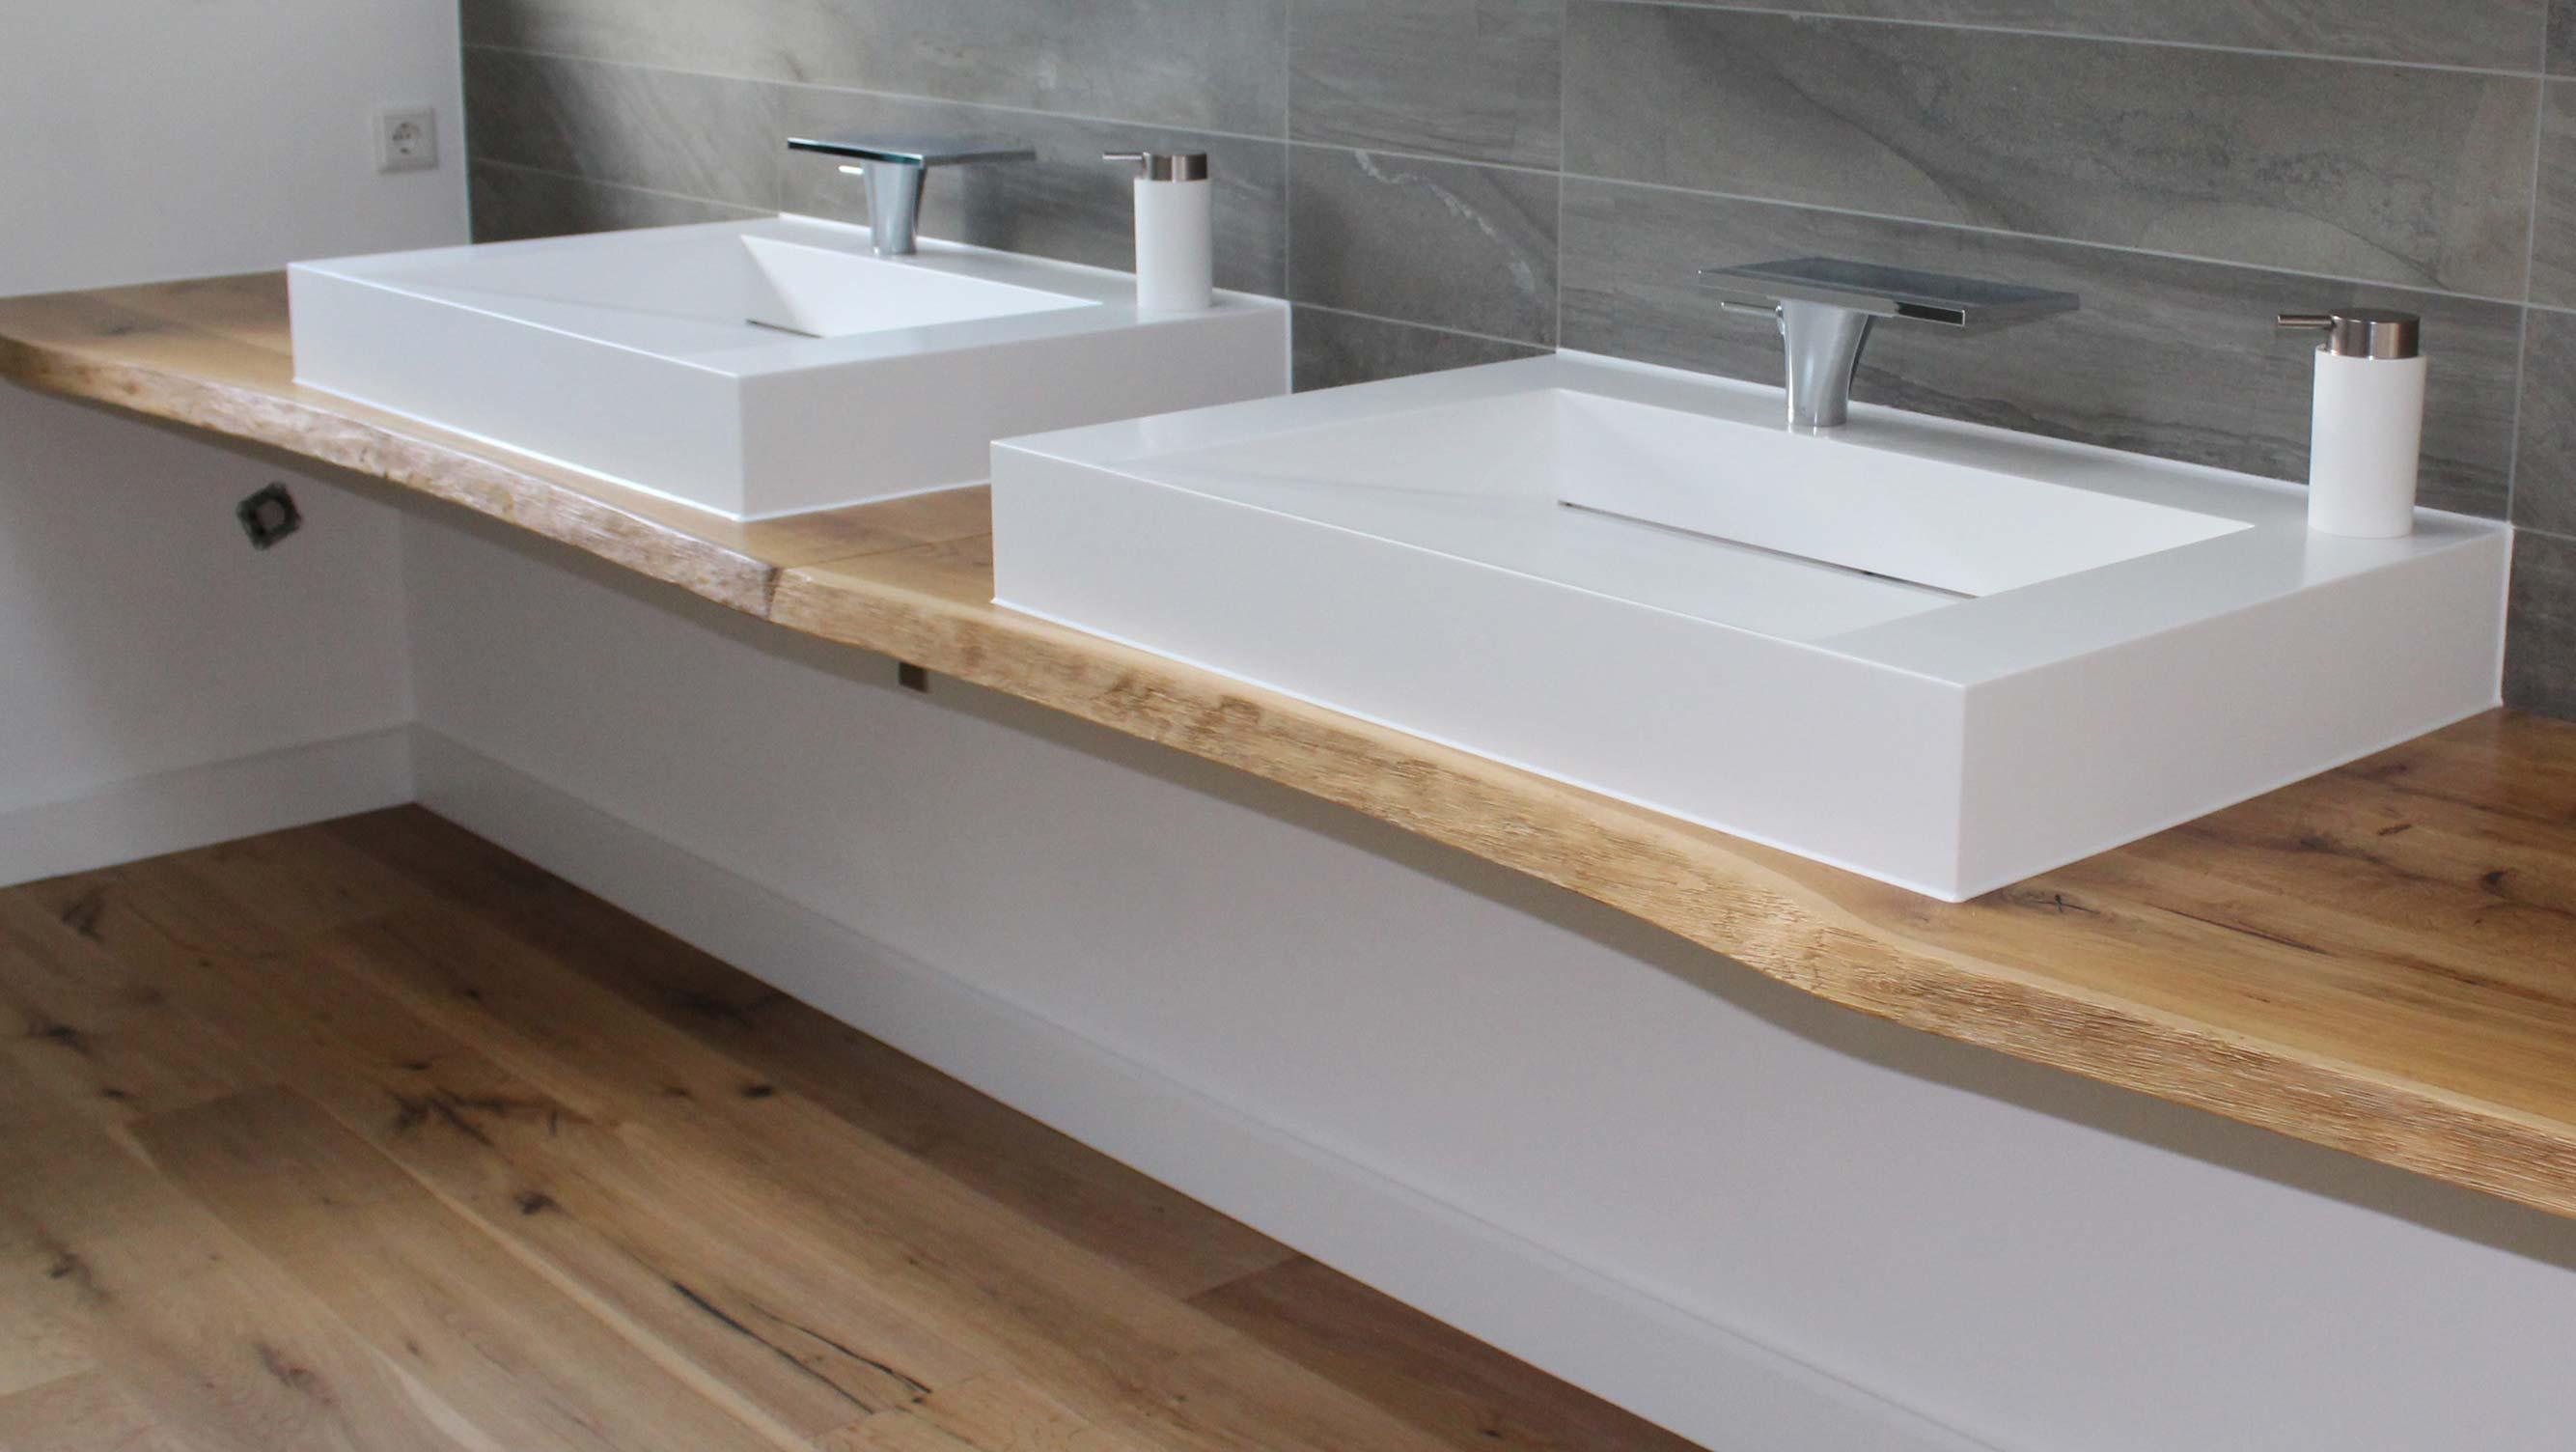 2 maßgefertigte Waschtische aus Holz mit Aufsatzwaschbecken bei HolzLand Beese in Unna